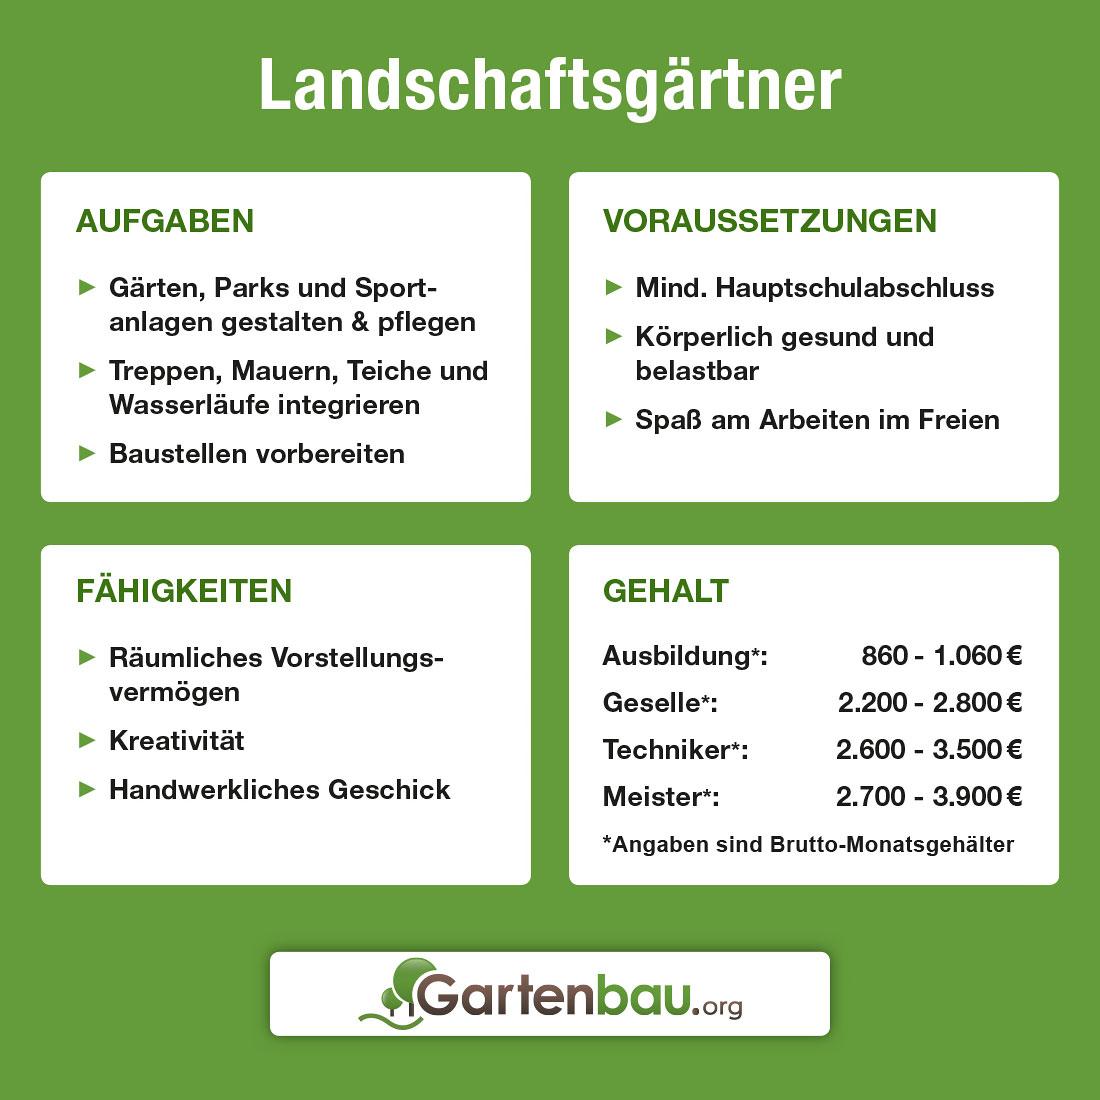 Landschaftsgärtner Meister Gehalt